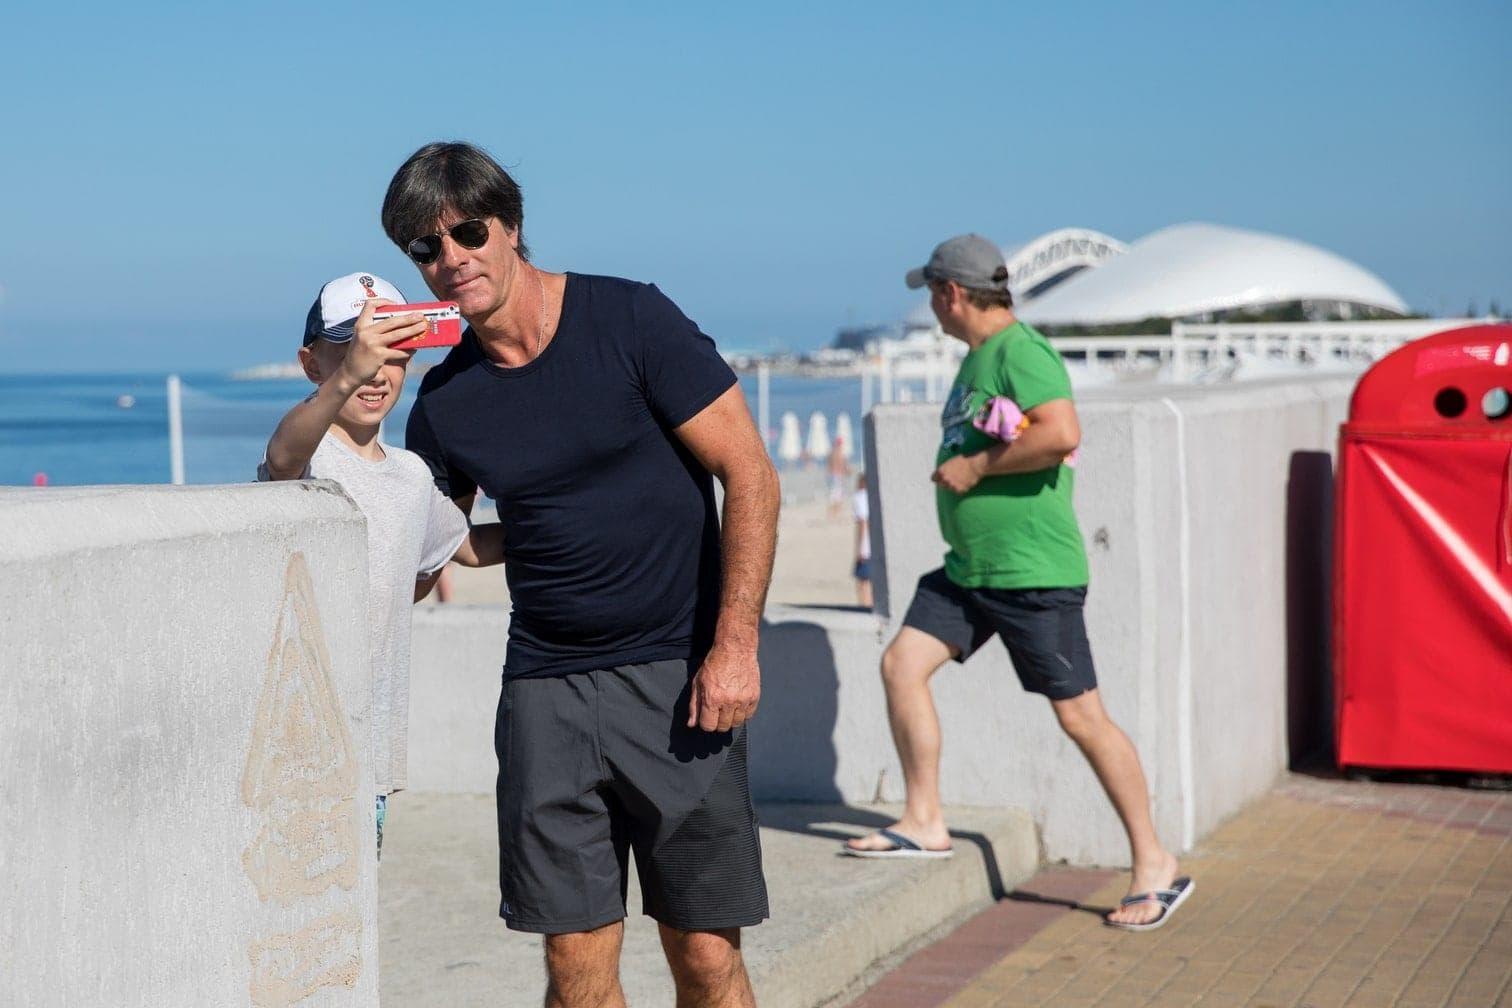 Jogi Löw. Frühmorgens flanierte der Bundestrainer wie ein Urlauber in kurzen Hosen und mit Sonnenbrille über die Strandpromenade von Sotschi.</p> Foto: dpa